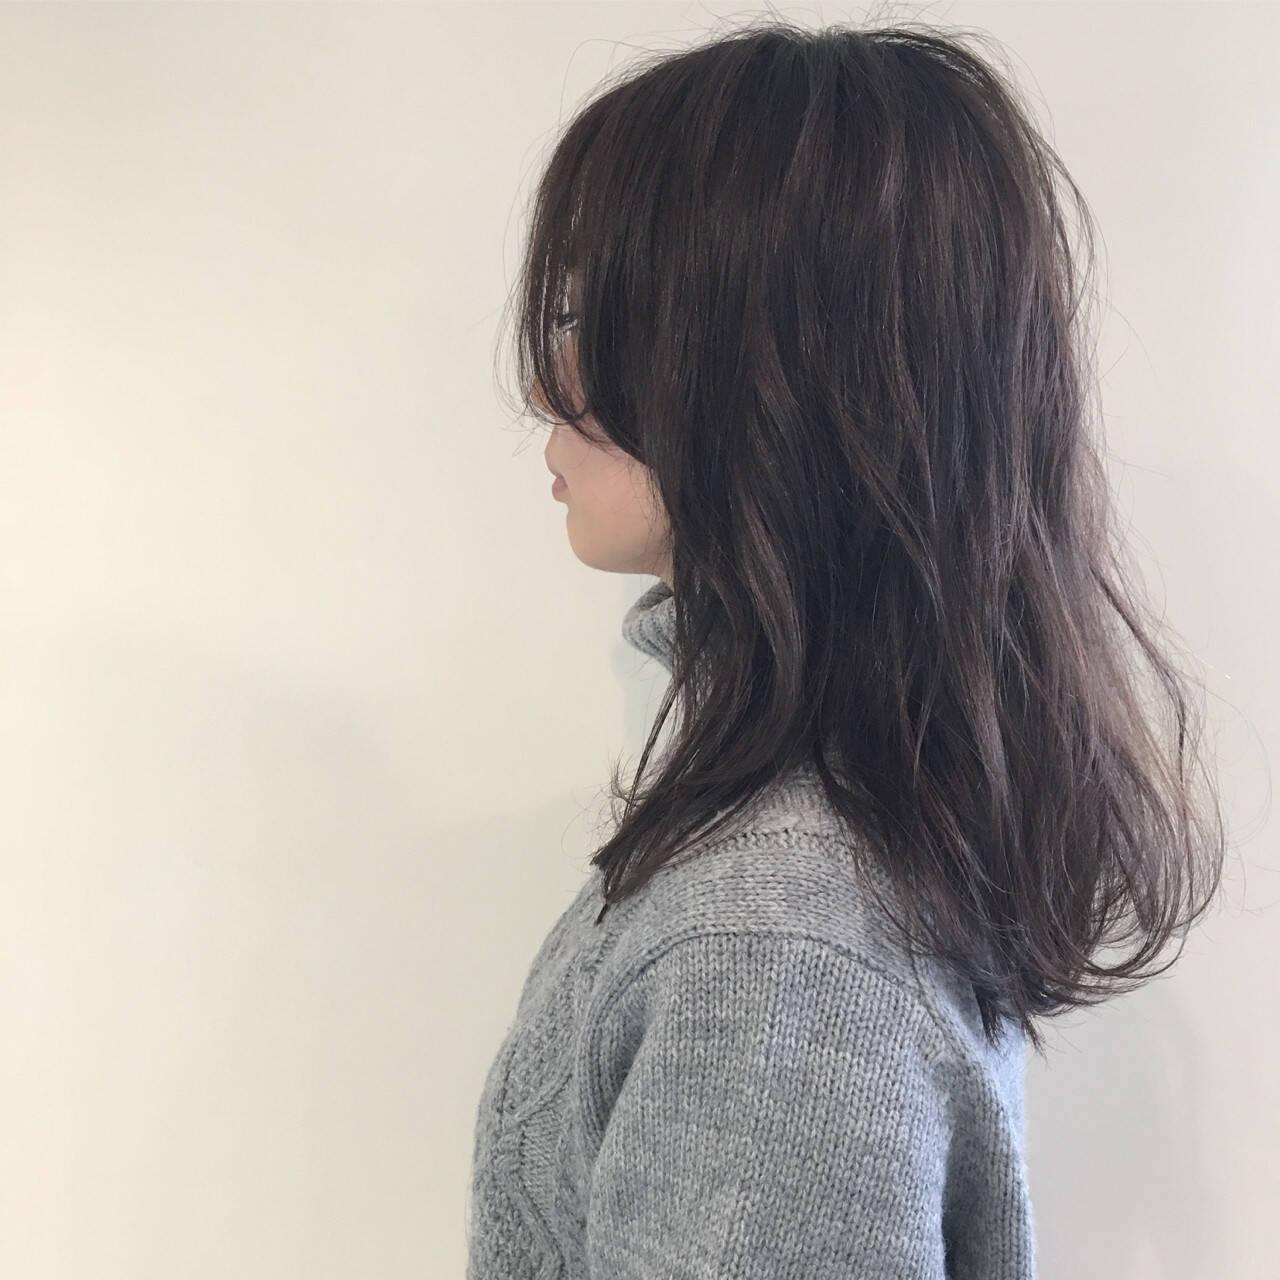 アッシュ 外国人風 ナチュラル セミロングヘアスタイルや髪型の写真・画像